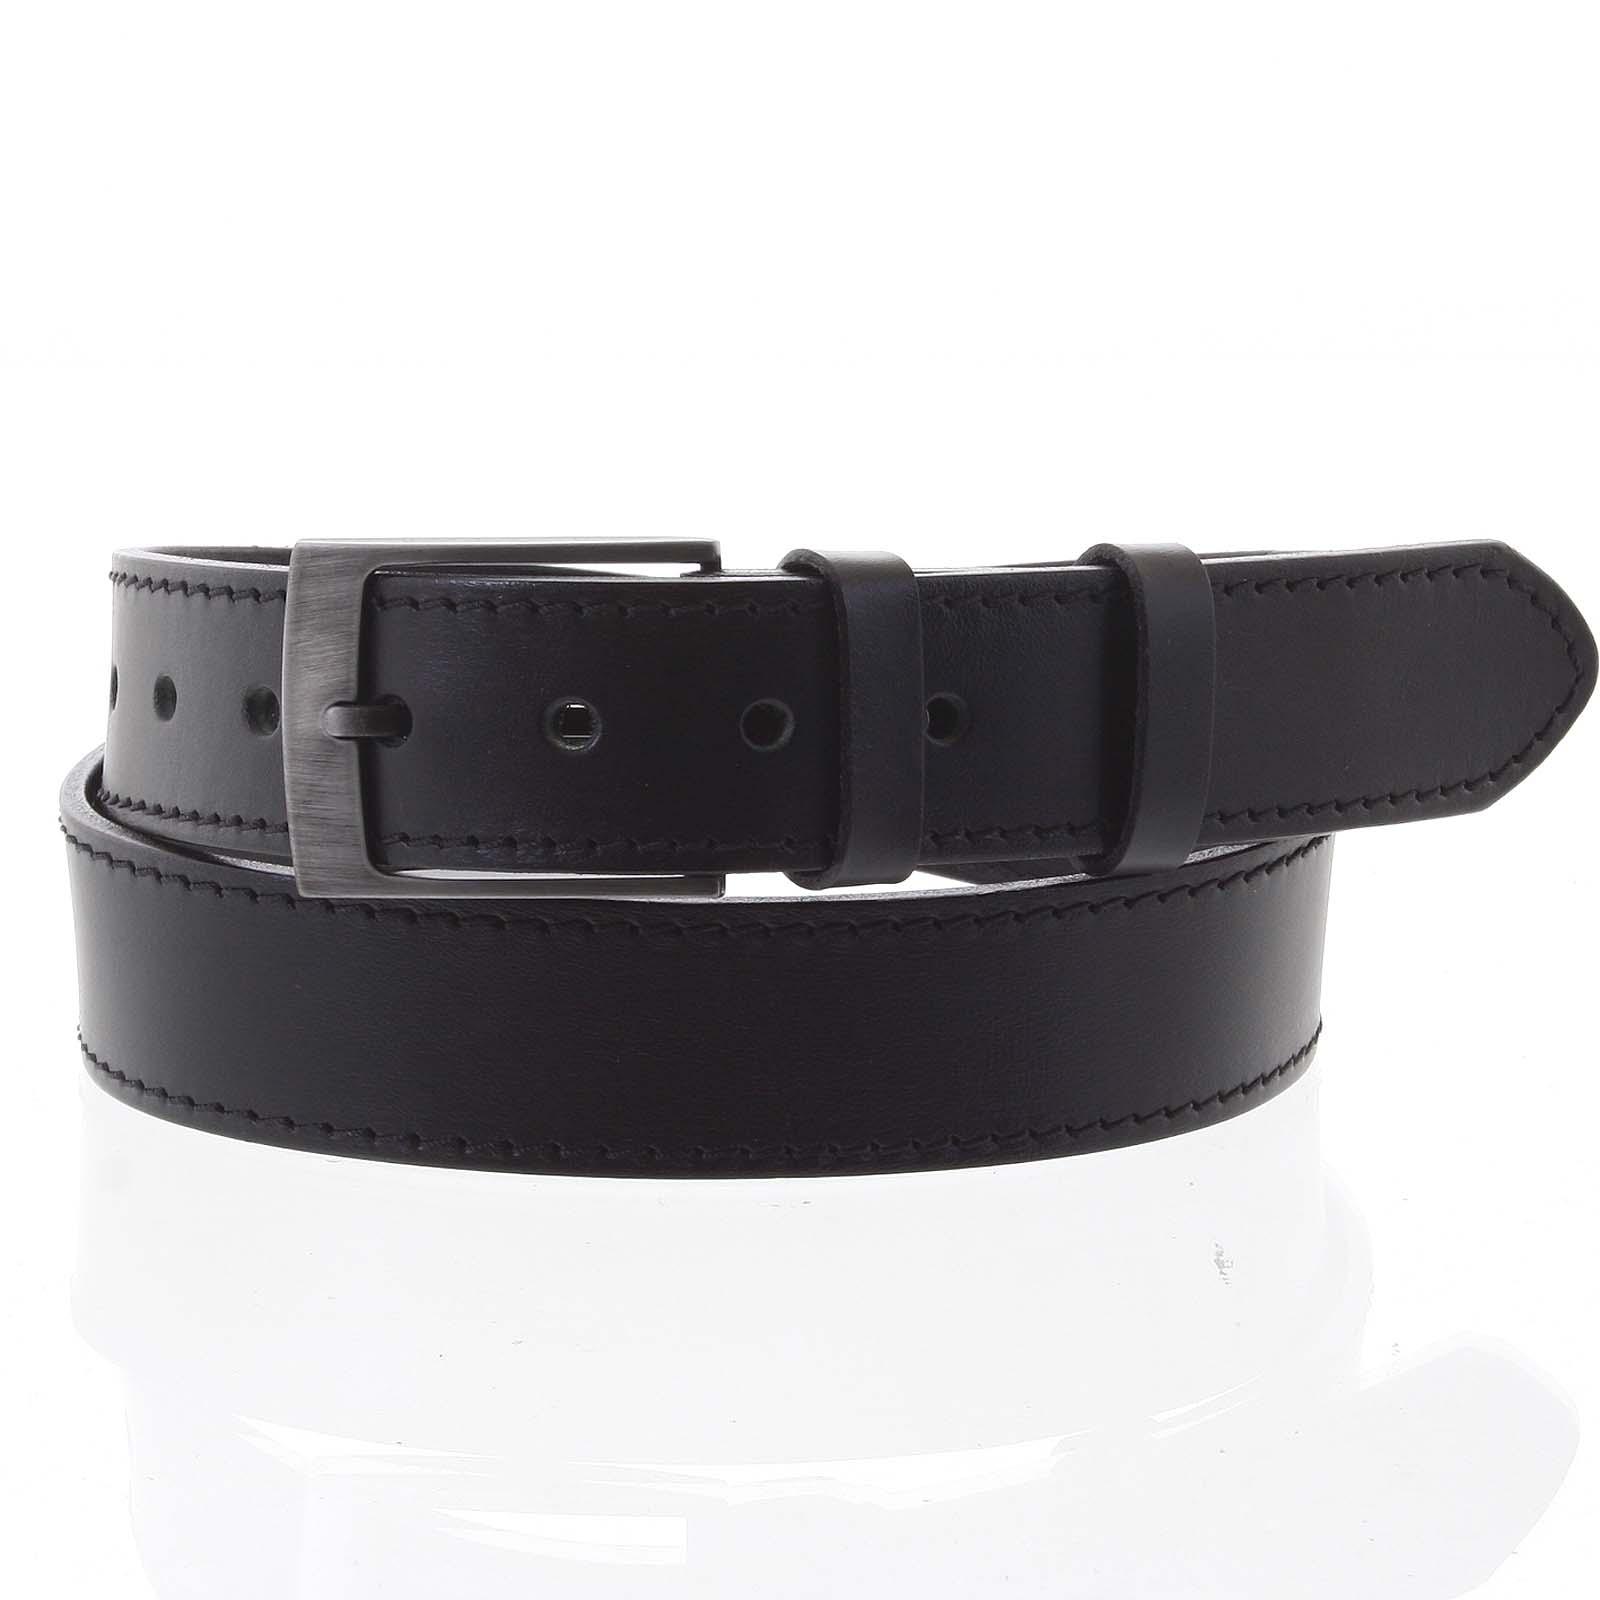 Pánský kožený opasek jeansový černý - PB Meroz 105